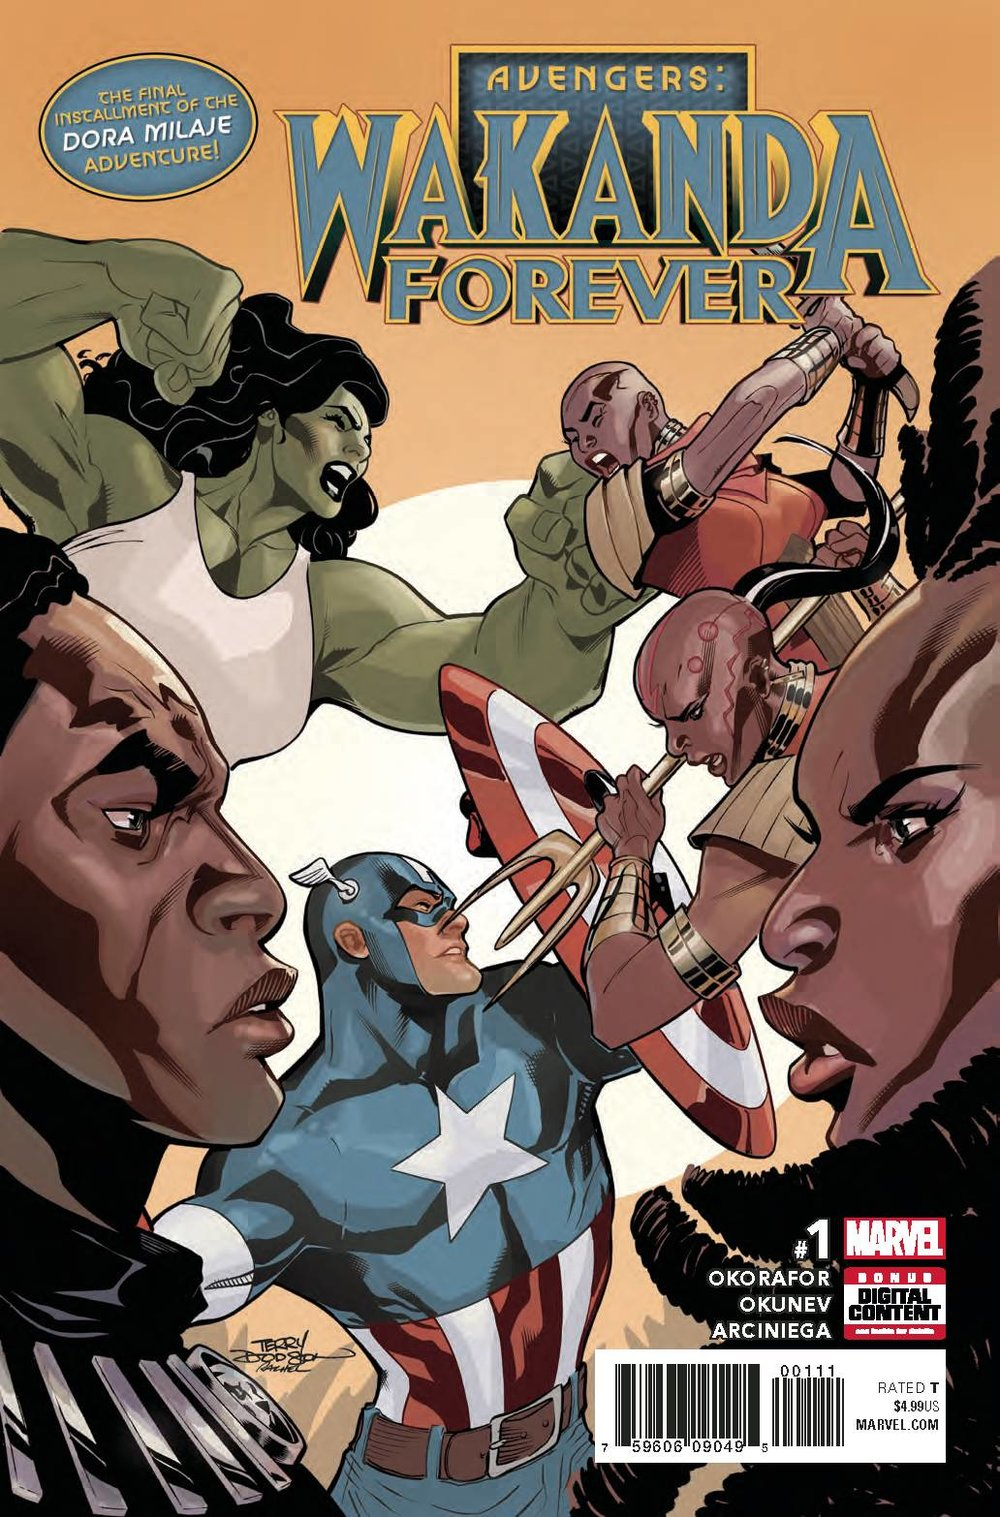 Wakanda Forever Avengers #1